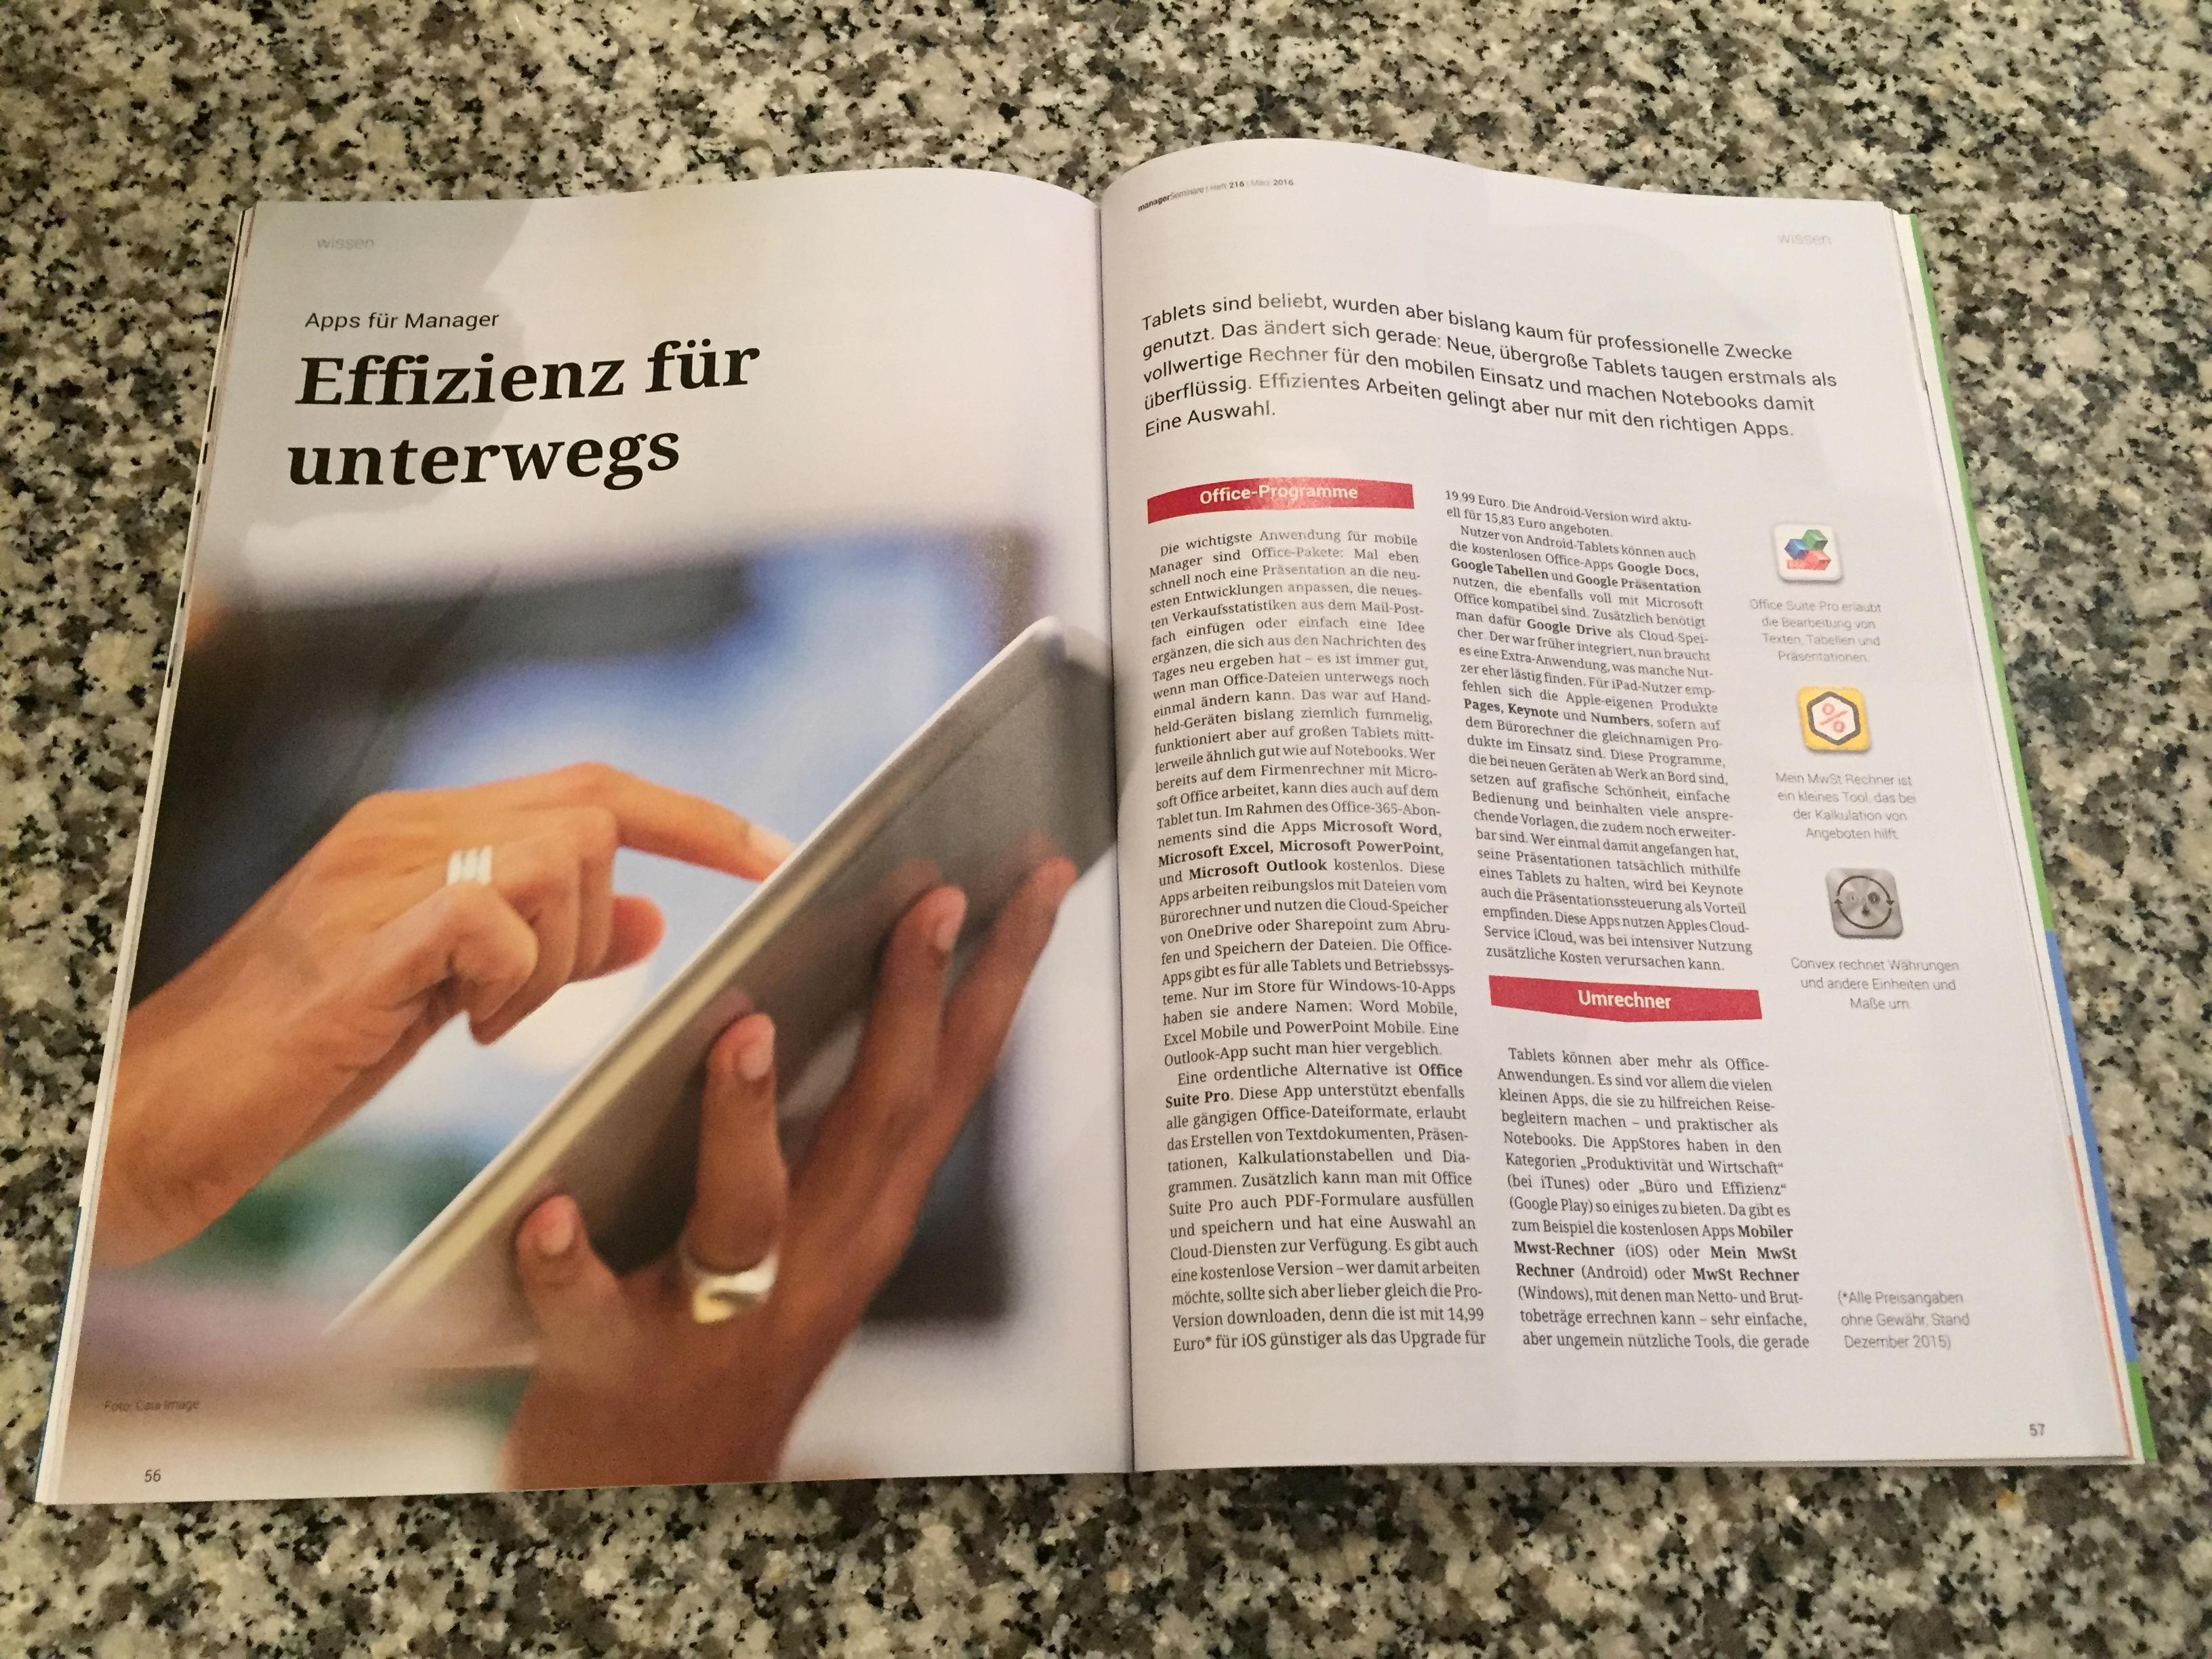 Effizienzgewinn für Manager und Selbstständige unterwegs: Wenn das Tablet oder Smartphone mit den richtigen Apps bestückt wird, kann man auch unterwegs effizient sein.